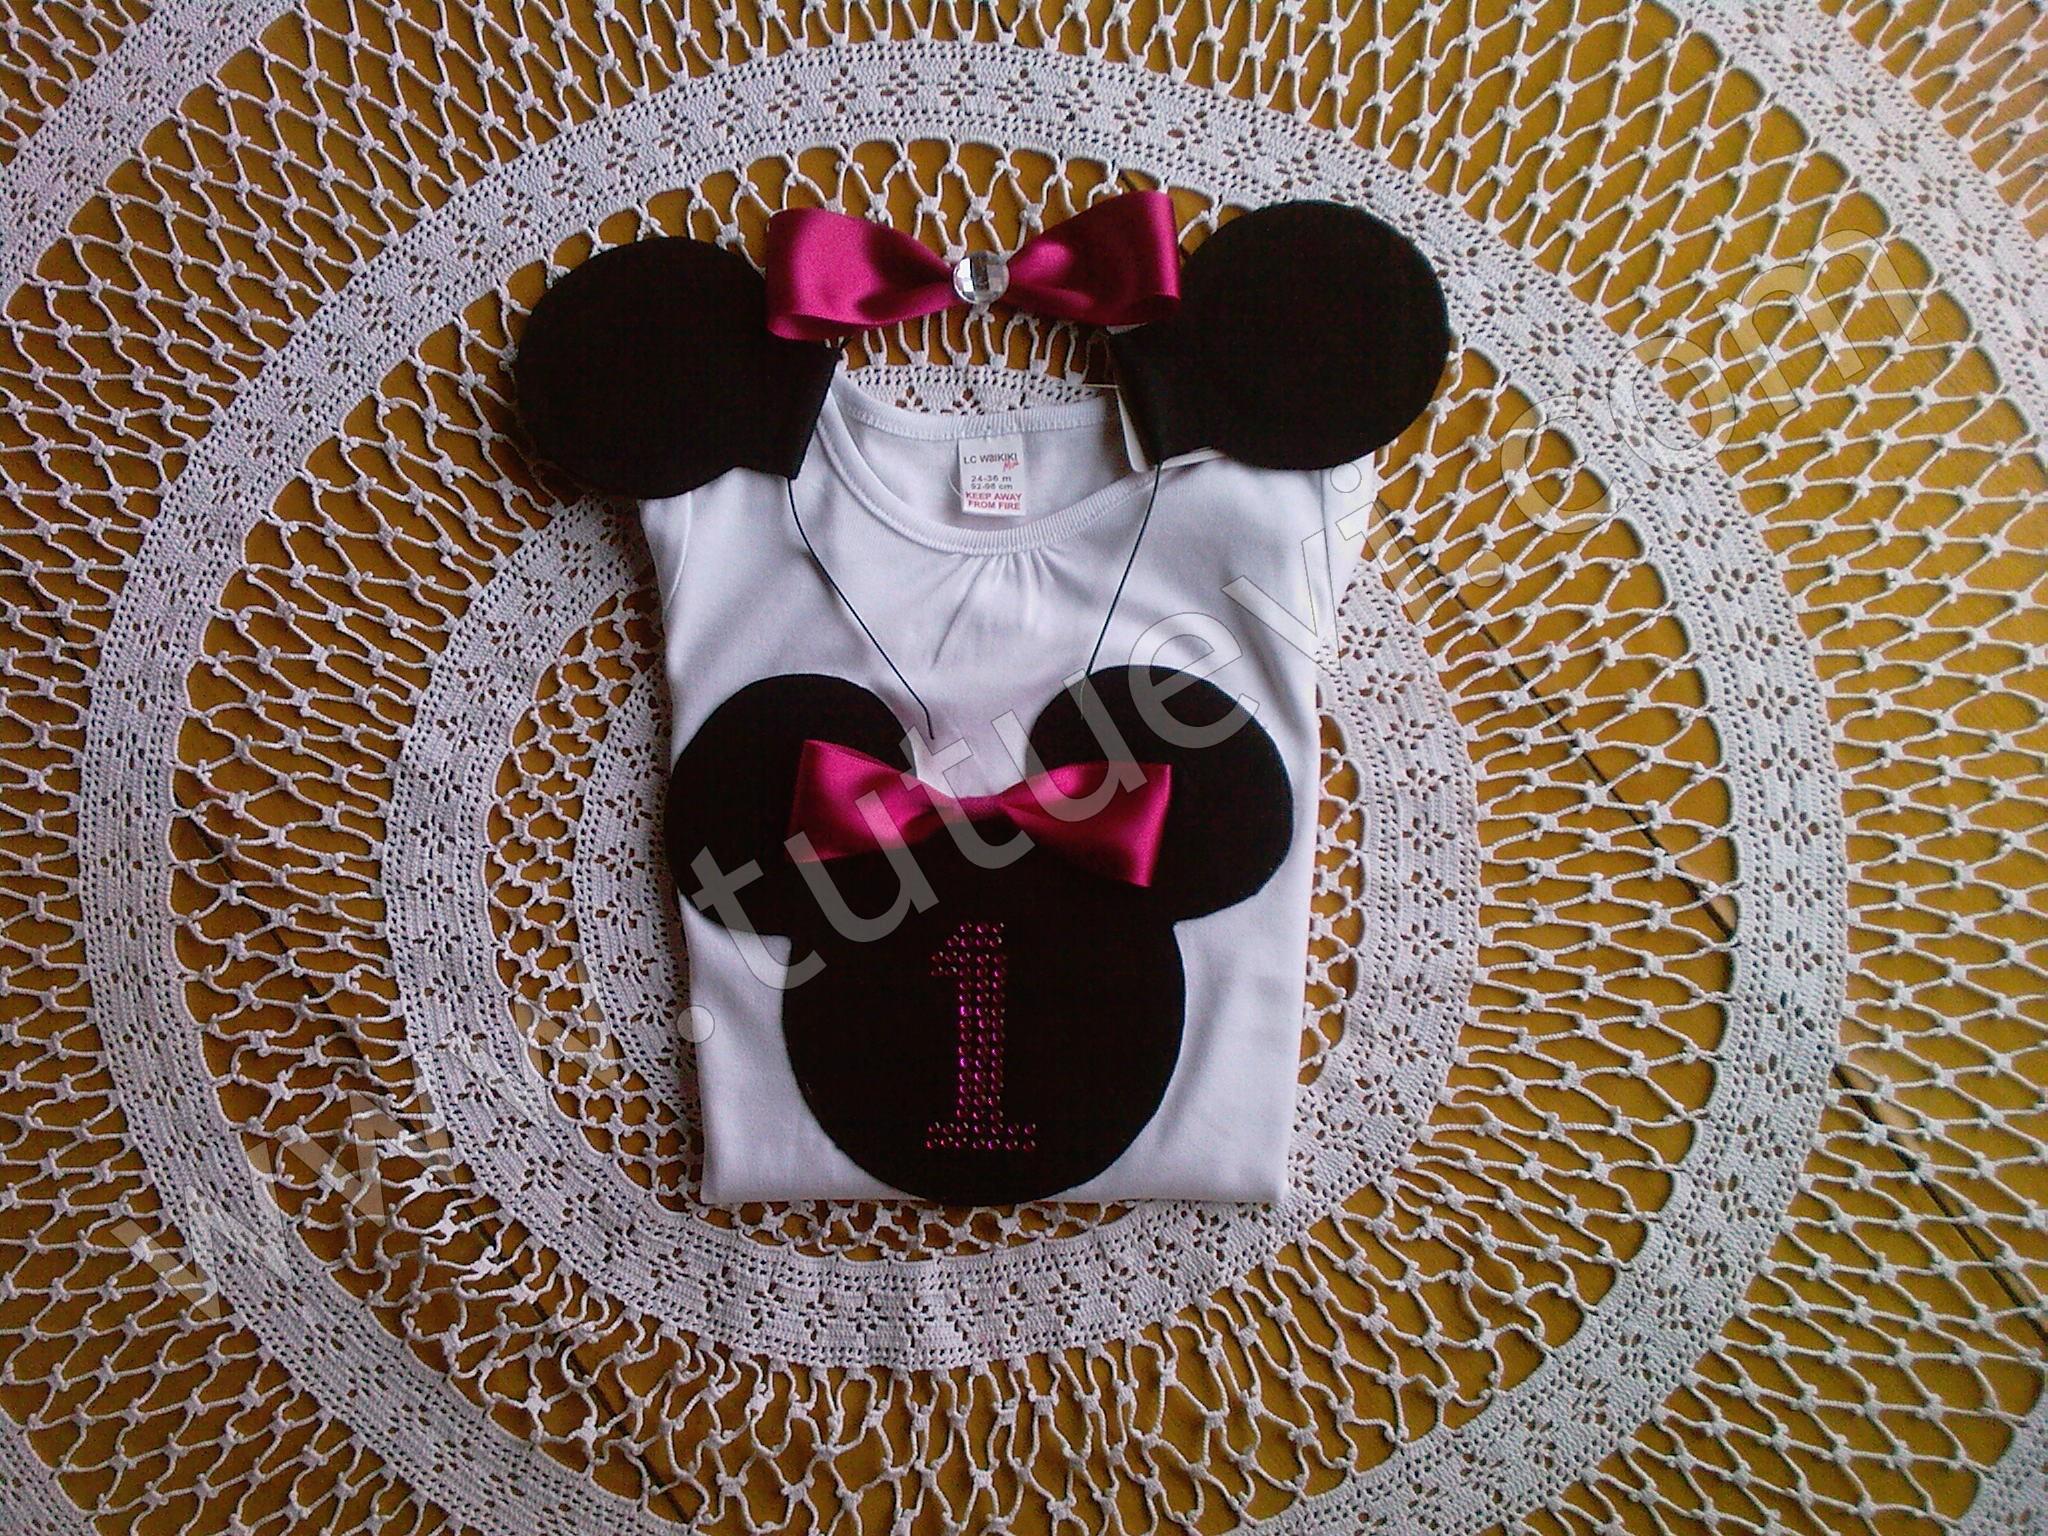 Muine Hanımın Prenses kızına, nice mutlu doğum günleri diliyoruz.